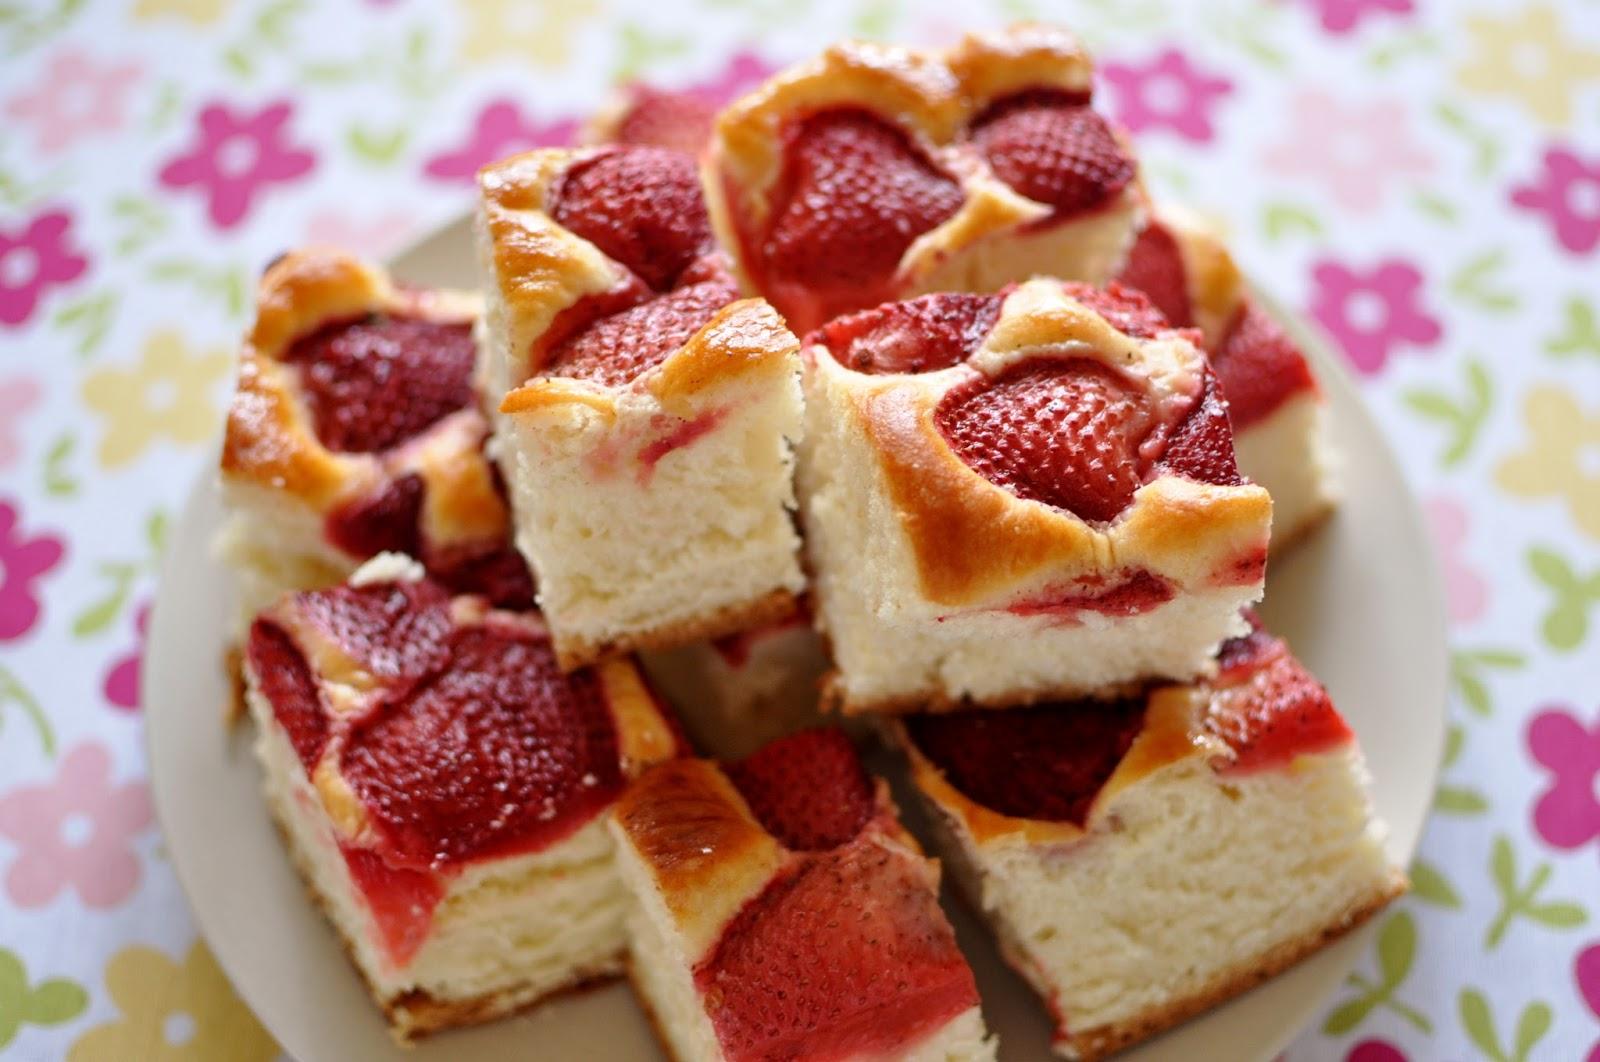 Drożdżowe z Truskawkami Przepis Drożdżowe Ciasto z Truskawkami